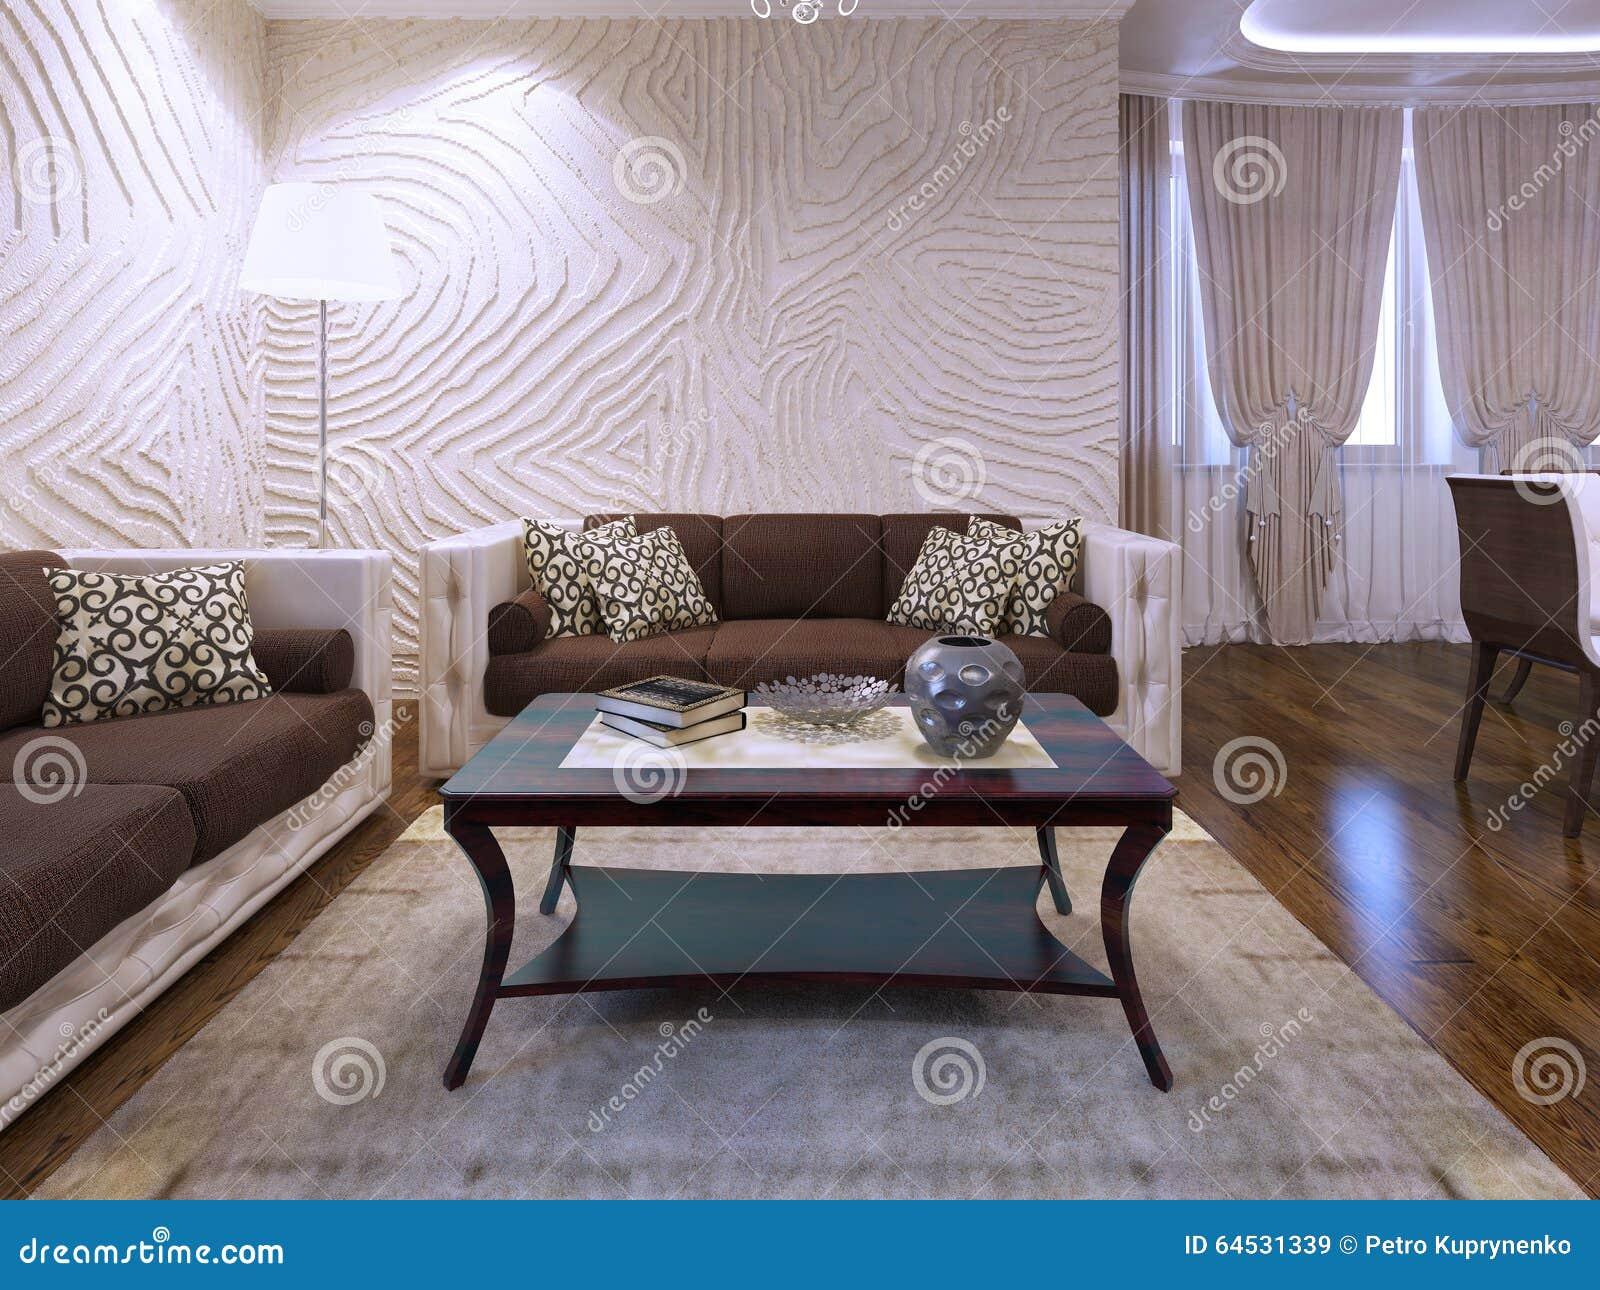 Muebles Marrones Hermosos En Sala De Estar Imagen De Archivo  # Muebles Marrones